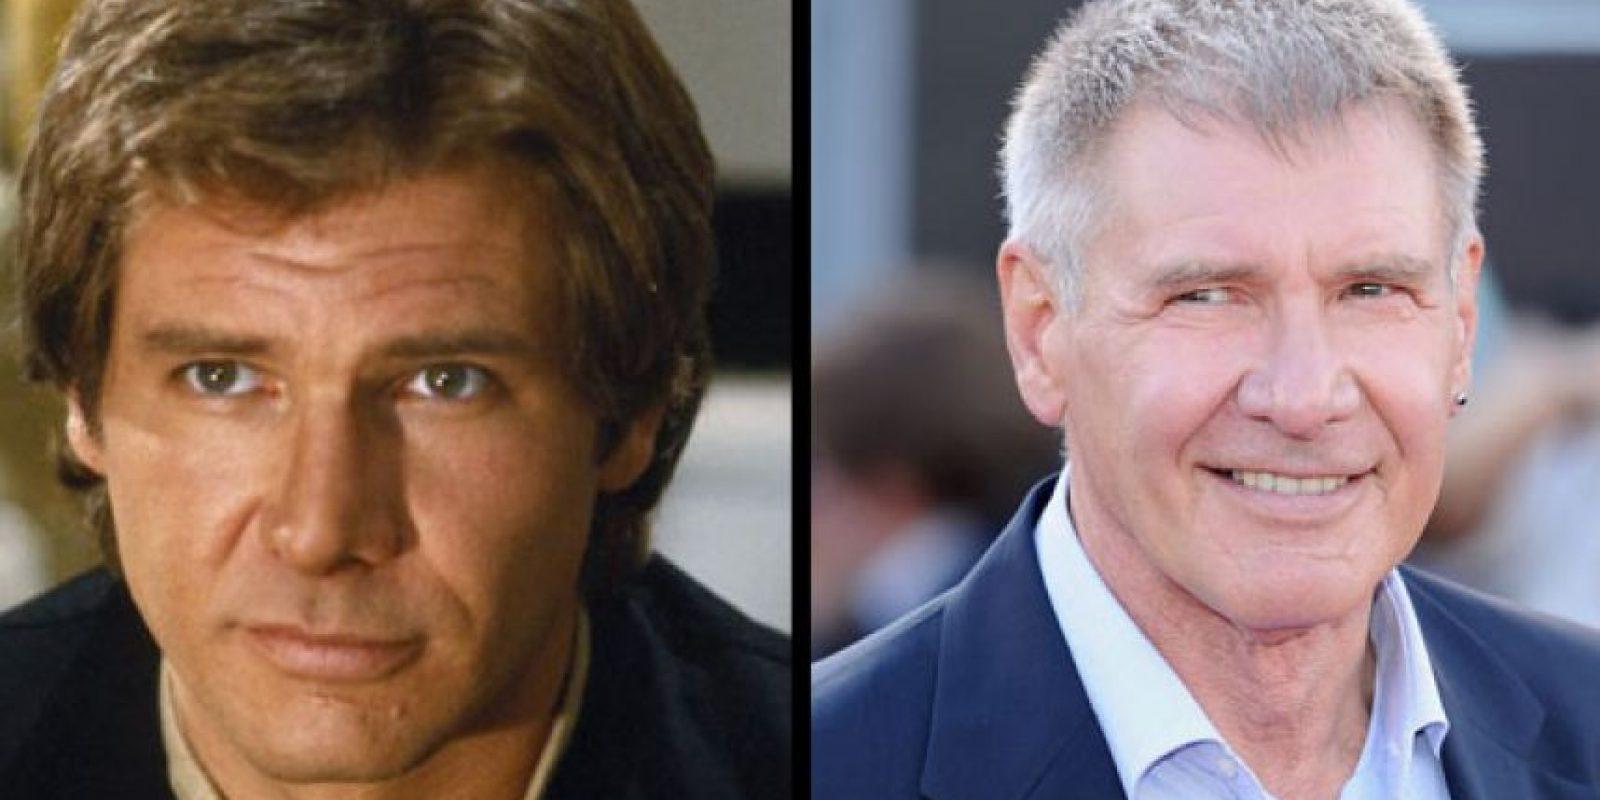 Harrison Ford interpretó a Han Solo, y sigue activo hasta el día de hoy. Foto: The Hollywood Reporter.